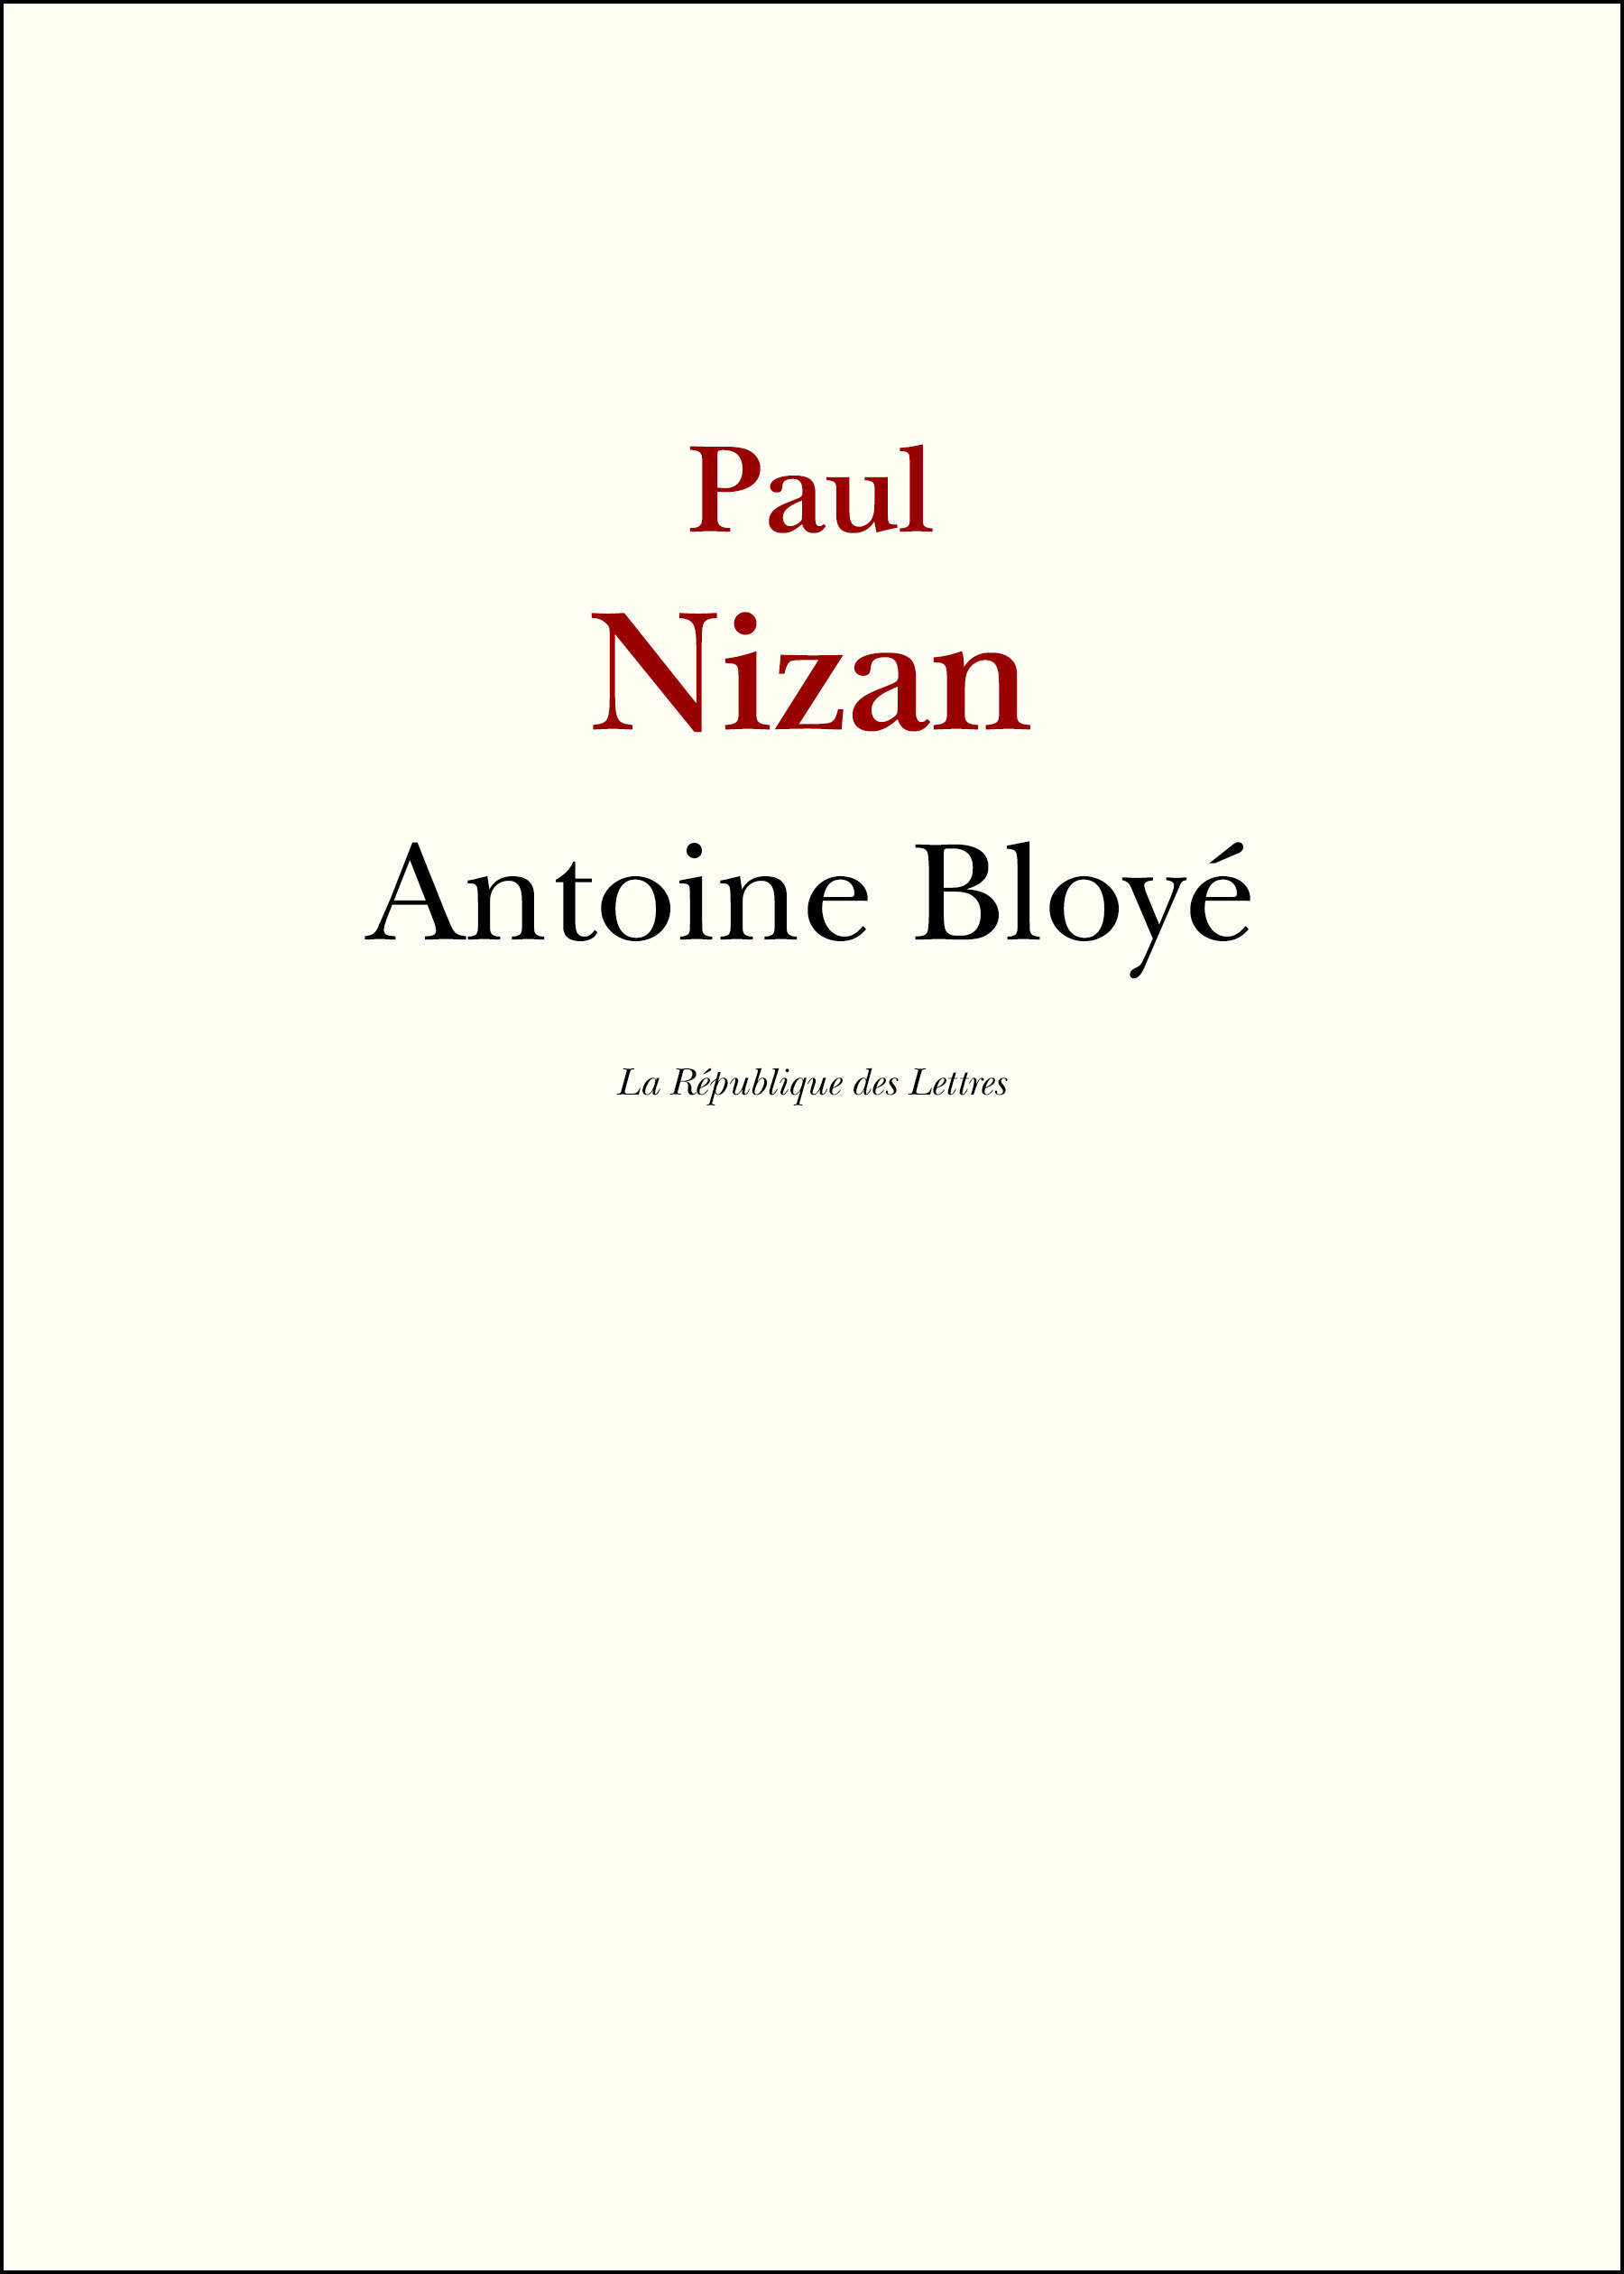 Antoine bloye - (*)